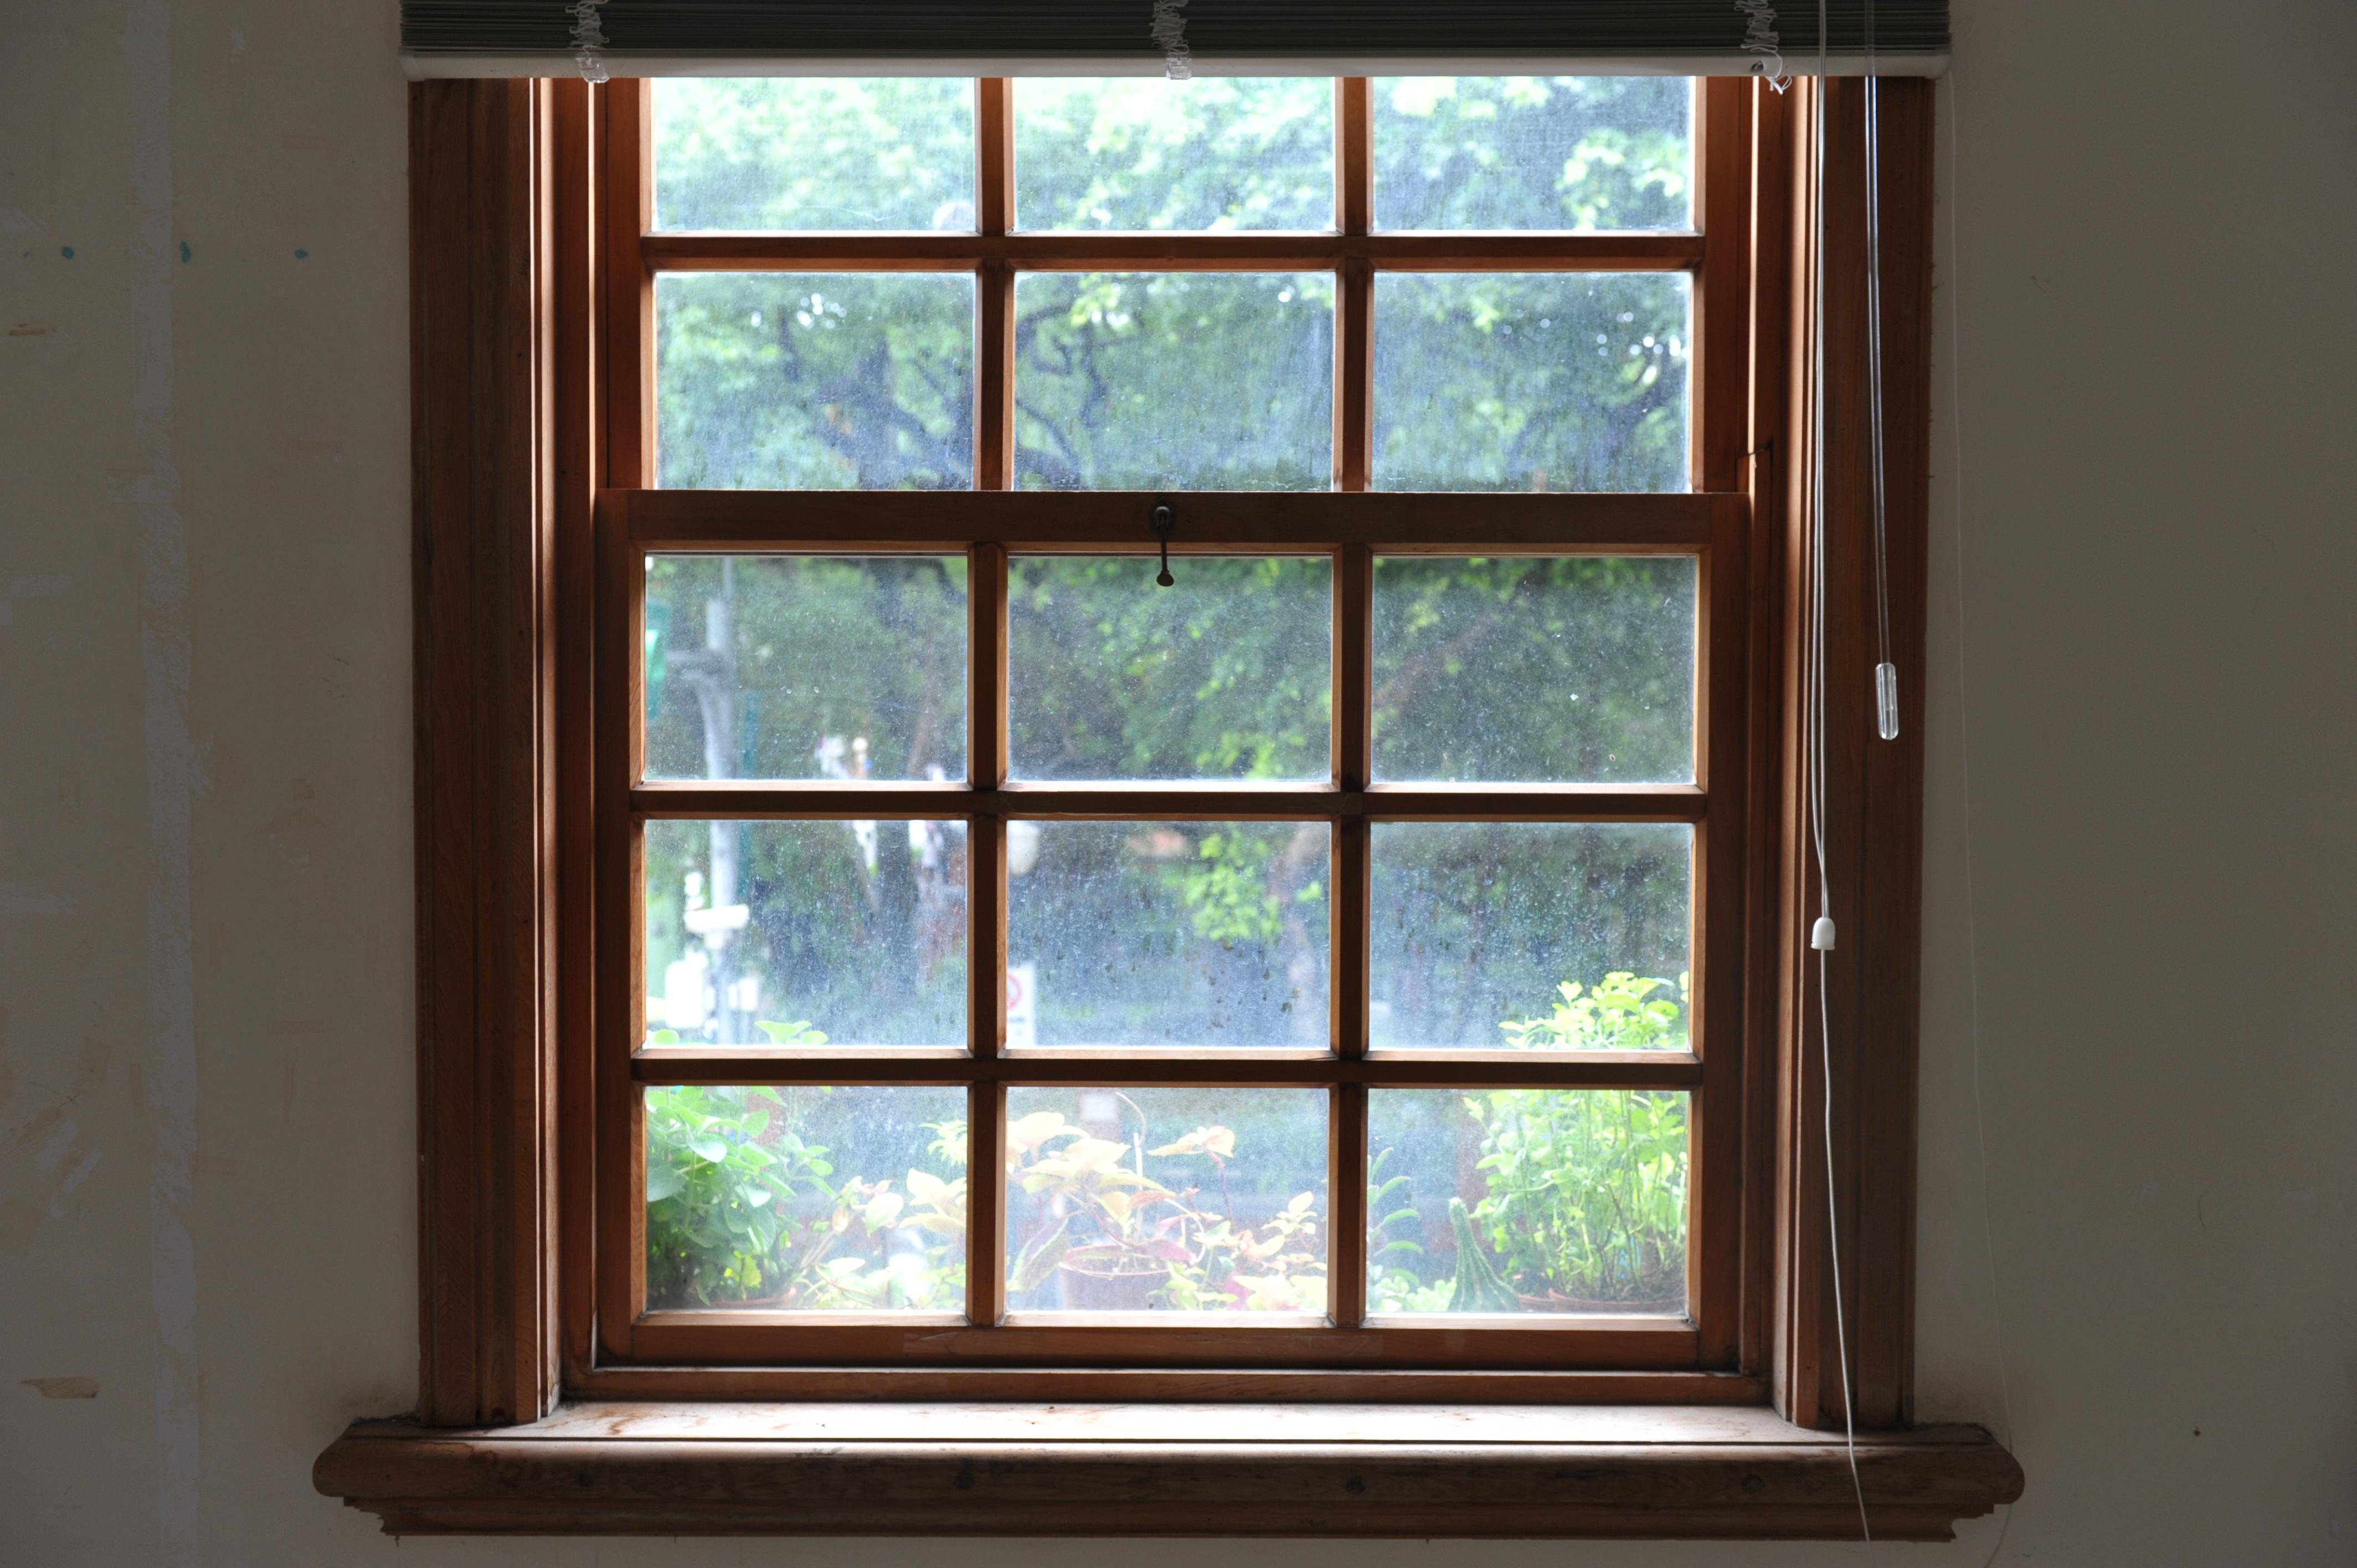 무료 이미지 경치 목재 유리 천장 거실 방 인테리어 디자인 창문들 일광 나무 머리